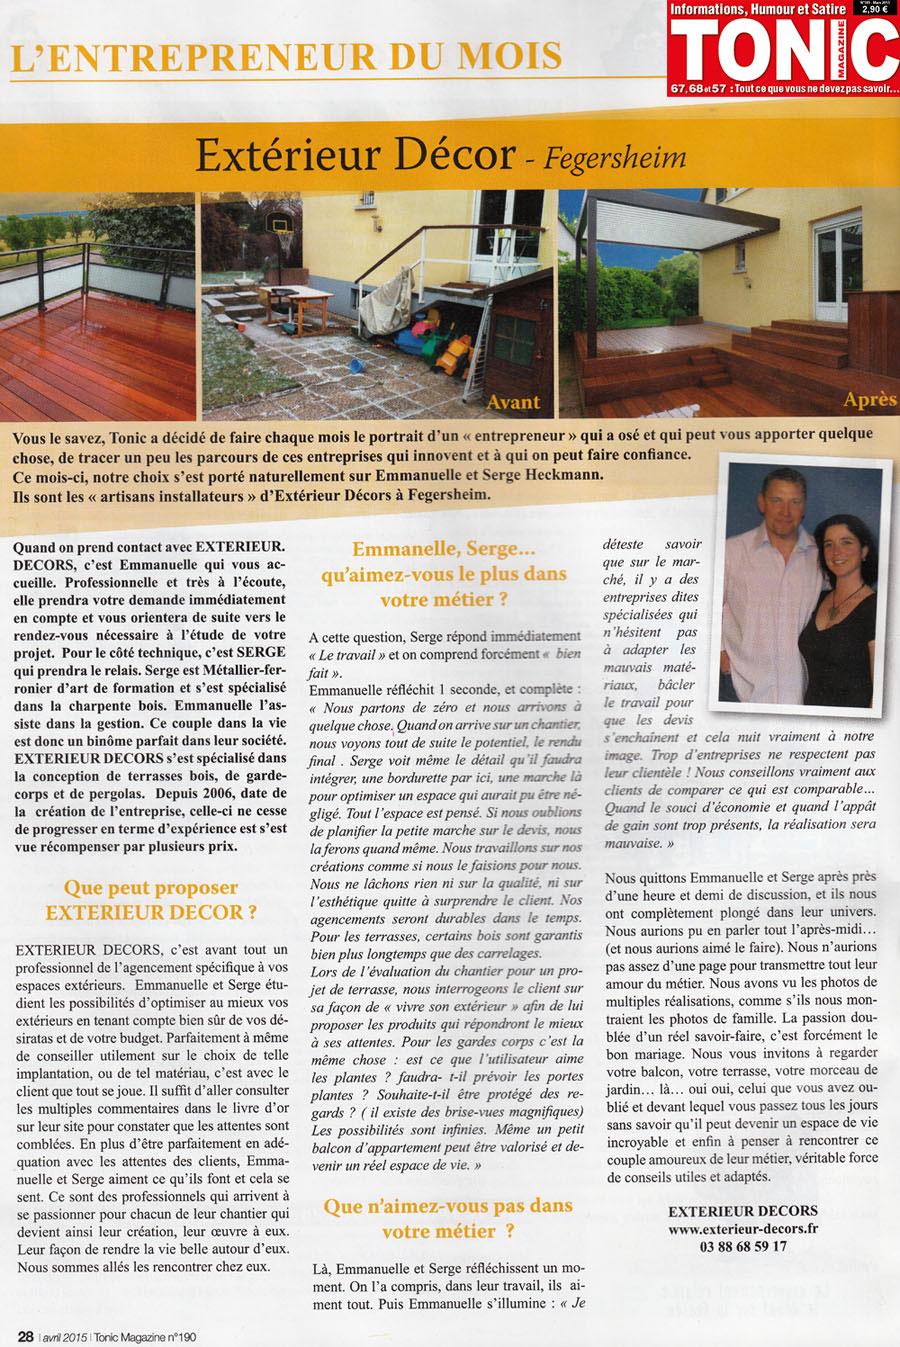 """Portrait d'Exterieur Décors, par le magazine """"Tonic"""""""